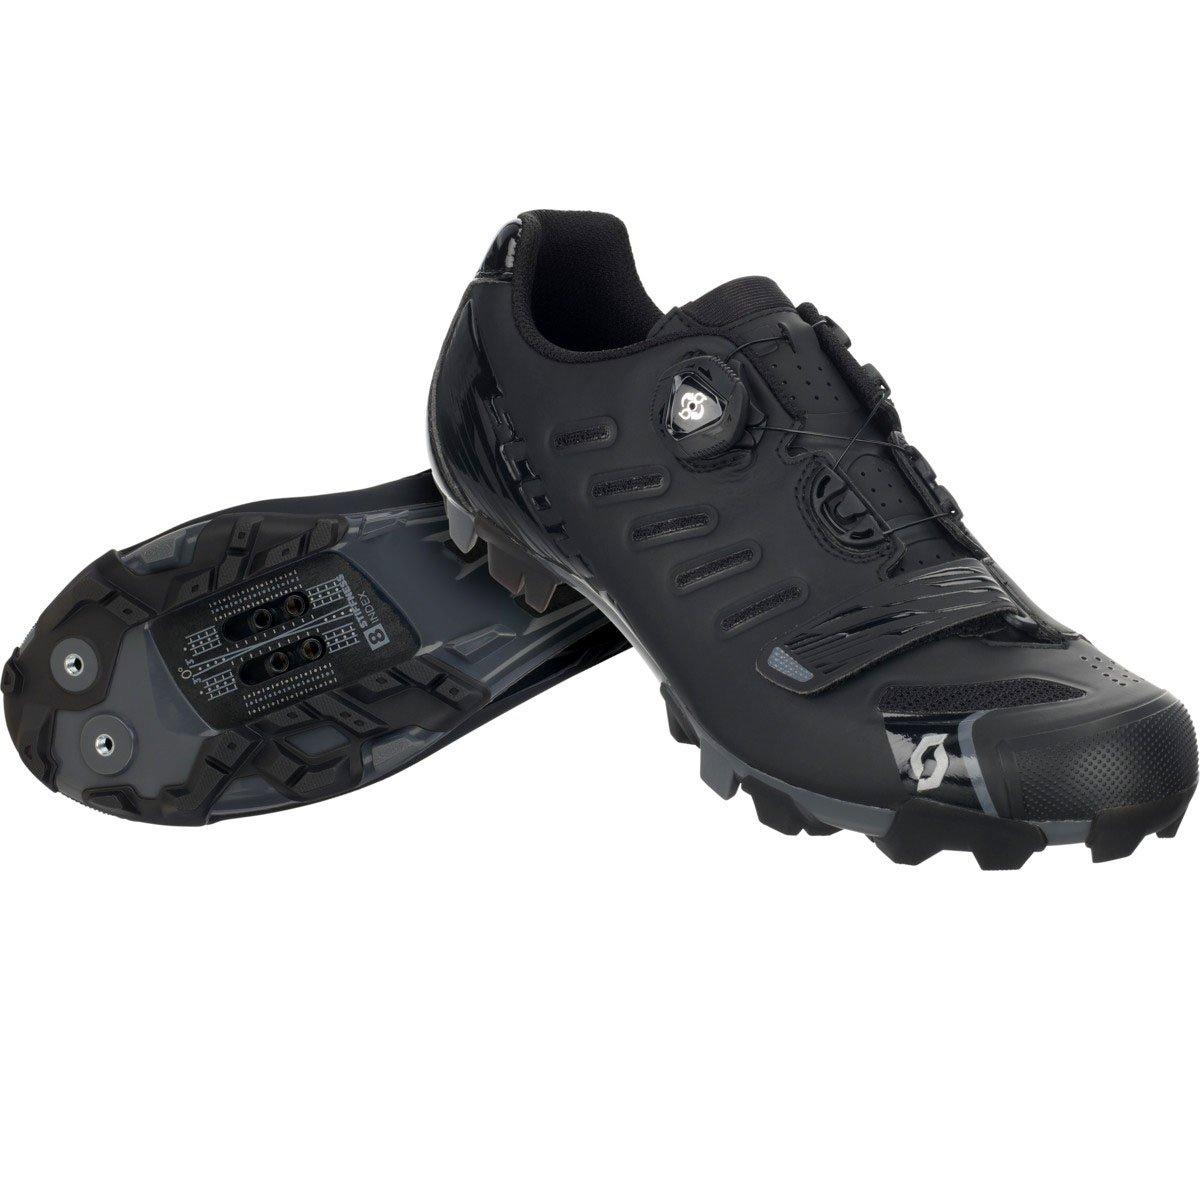 スコットMTB Team Boa Shoe – Men 'sマットブラック/グロスブラック、48.0   B01M1HLKM3